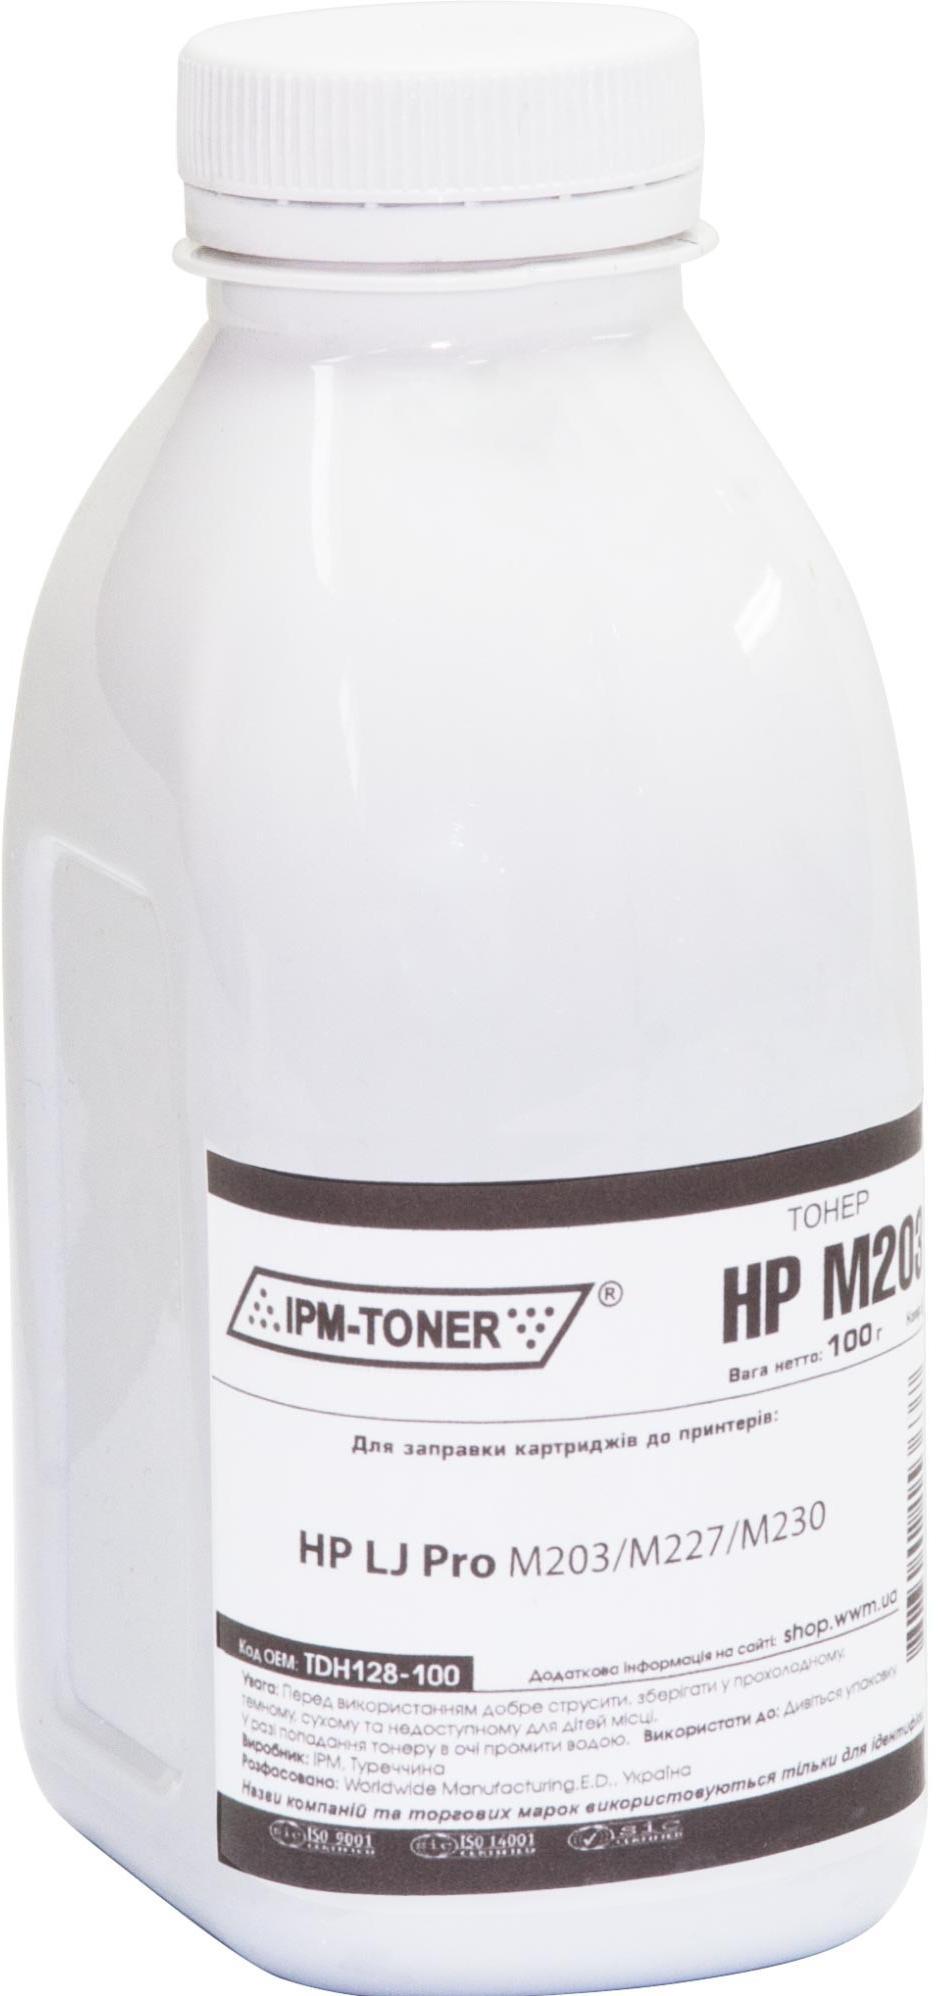 Купить Тонер IPM for HP LJ Pro M203/M227/M230 Black бутль 100g, TDH128-100